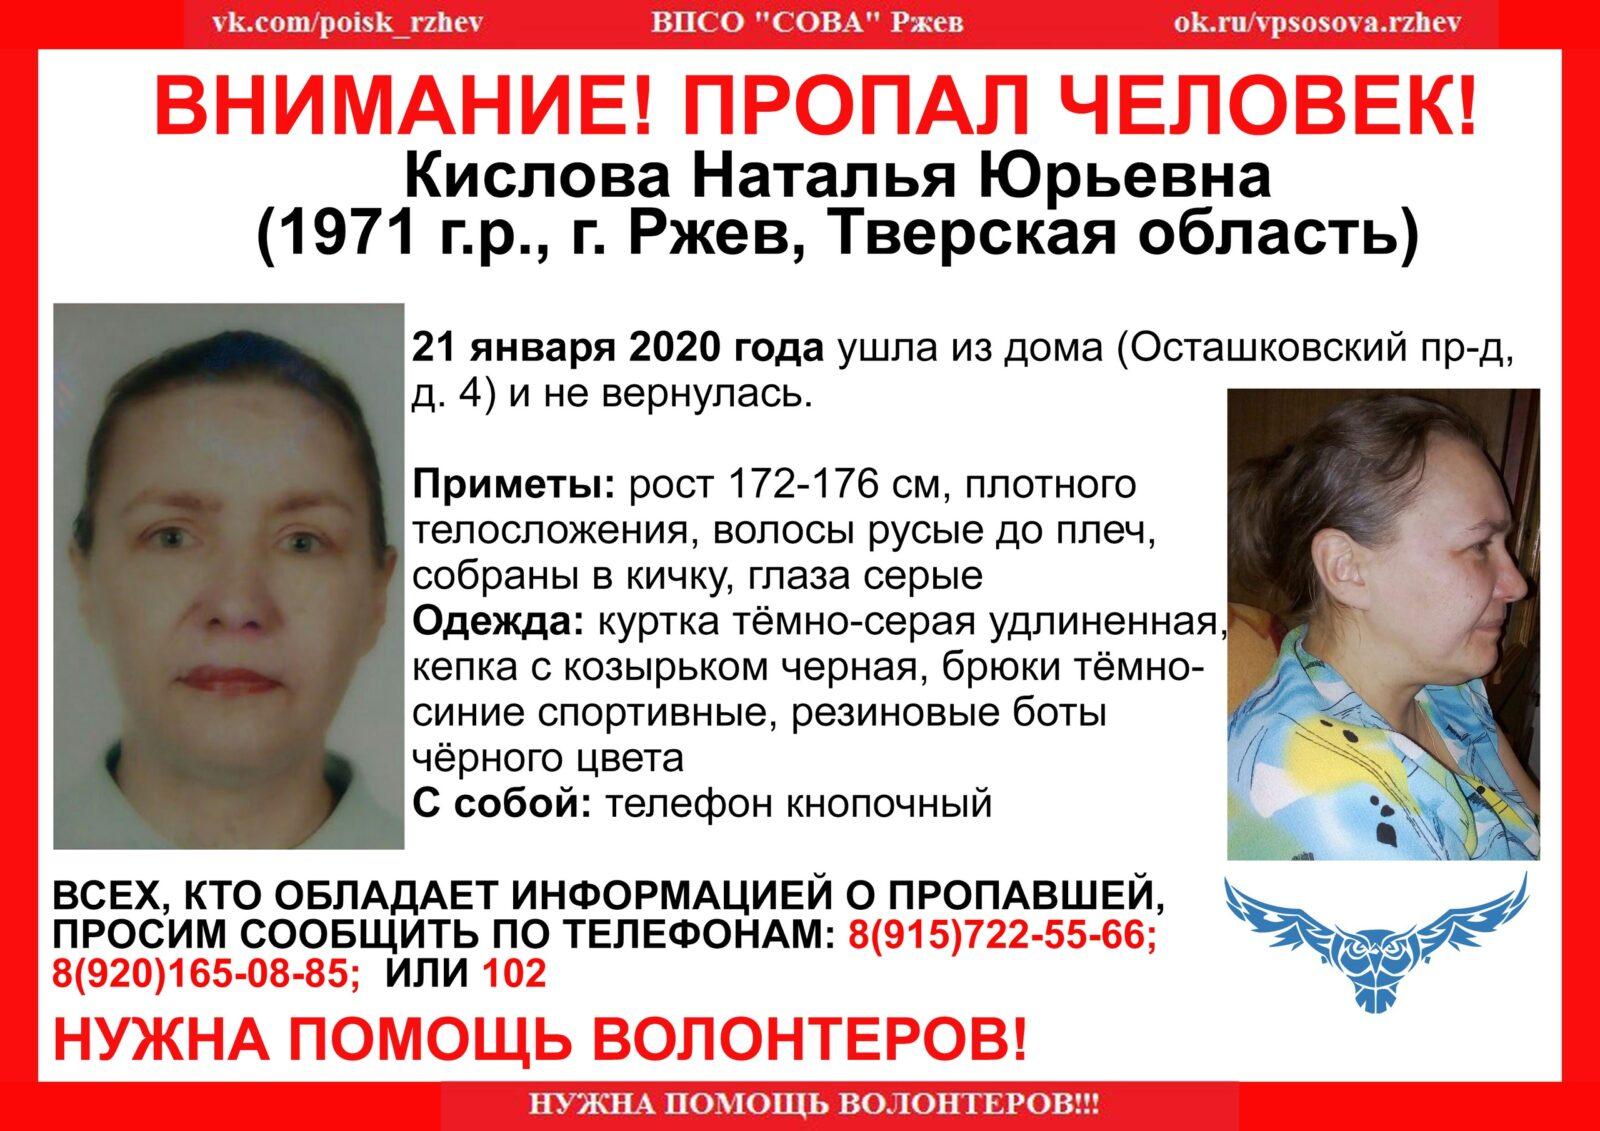 В Тверской области волонтеры ищут женщину в спортивных штанах и резиновых ботах